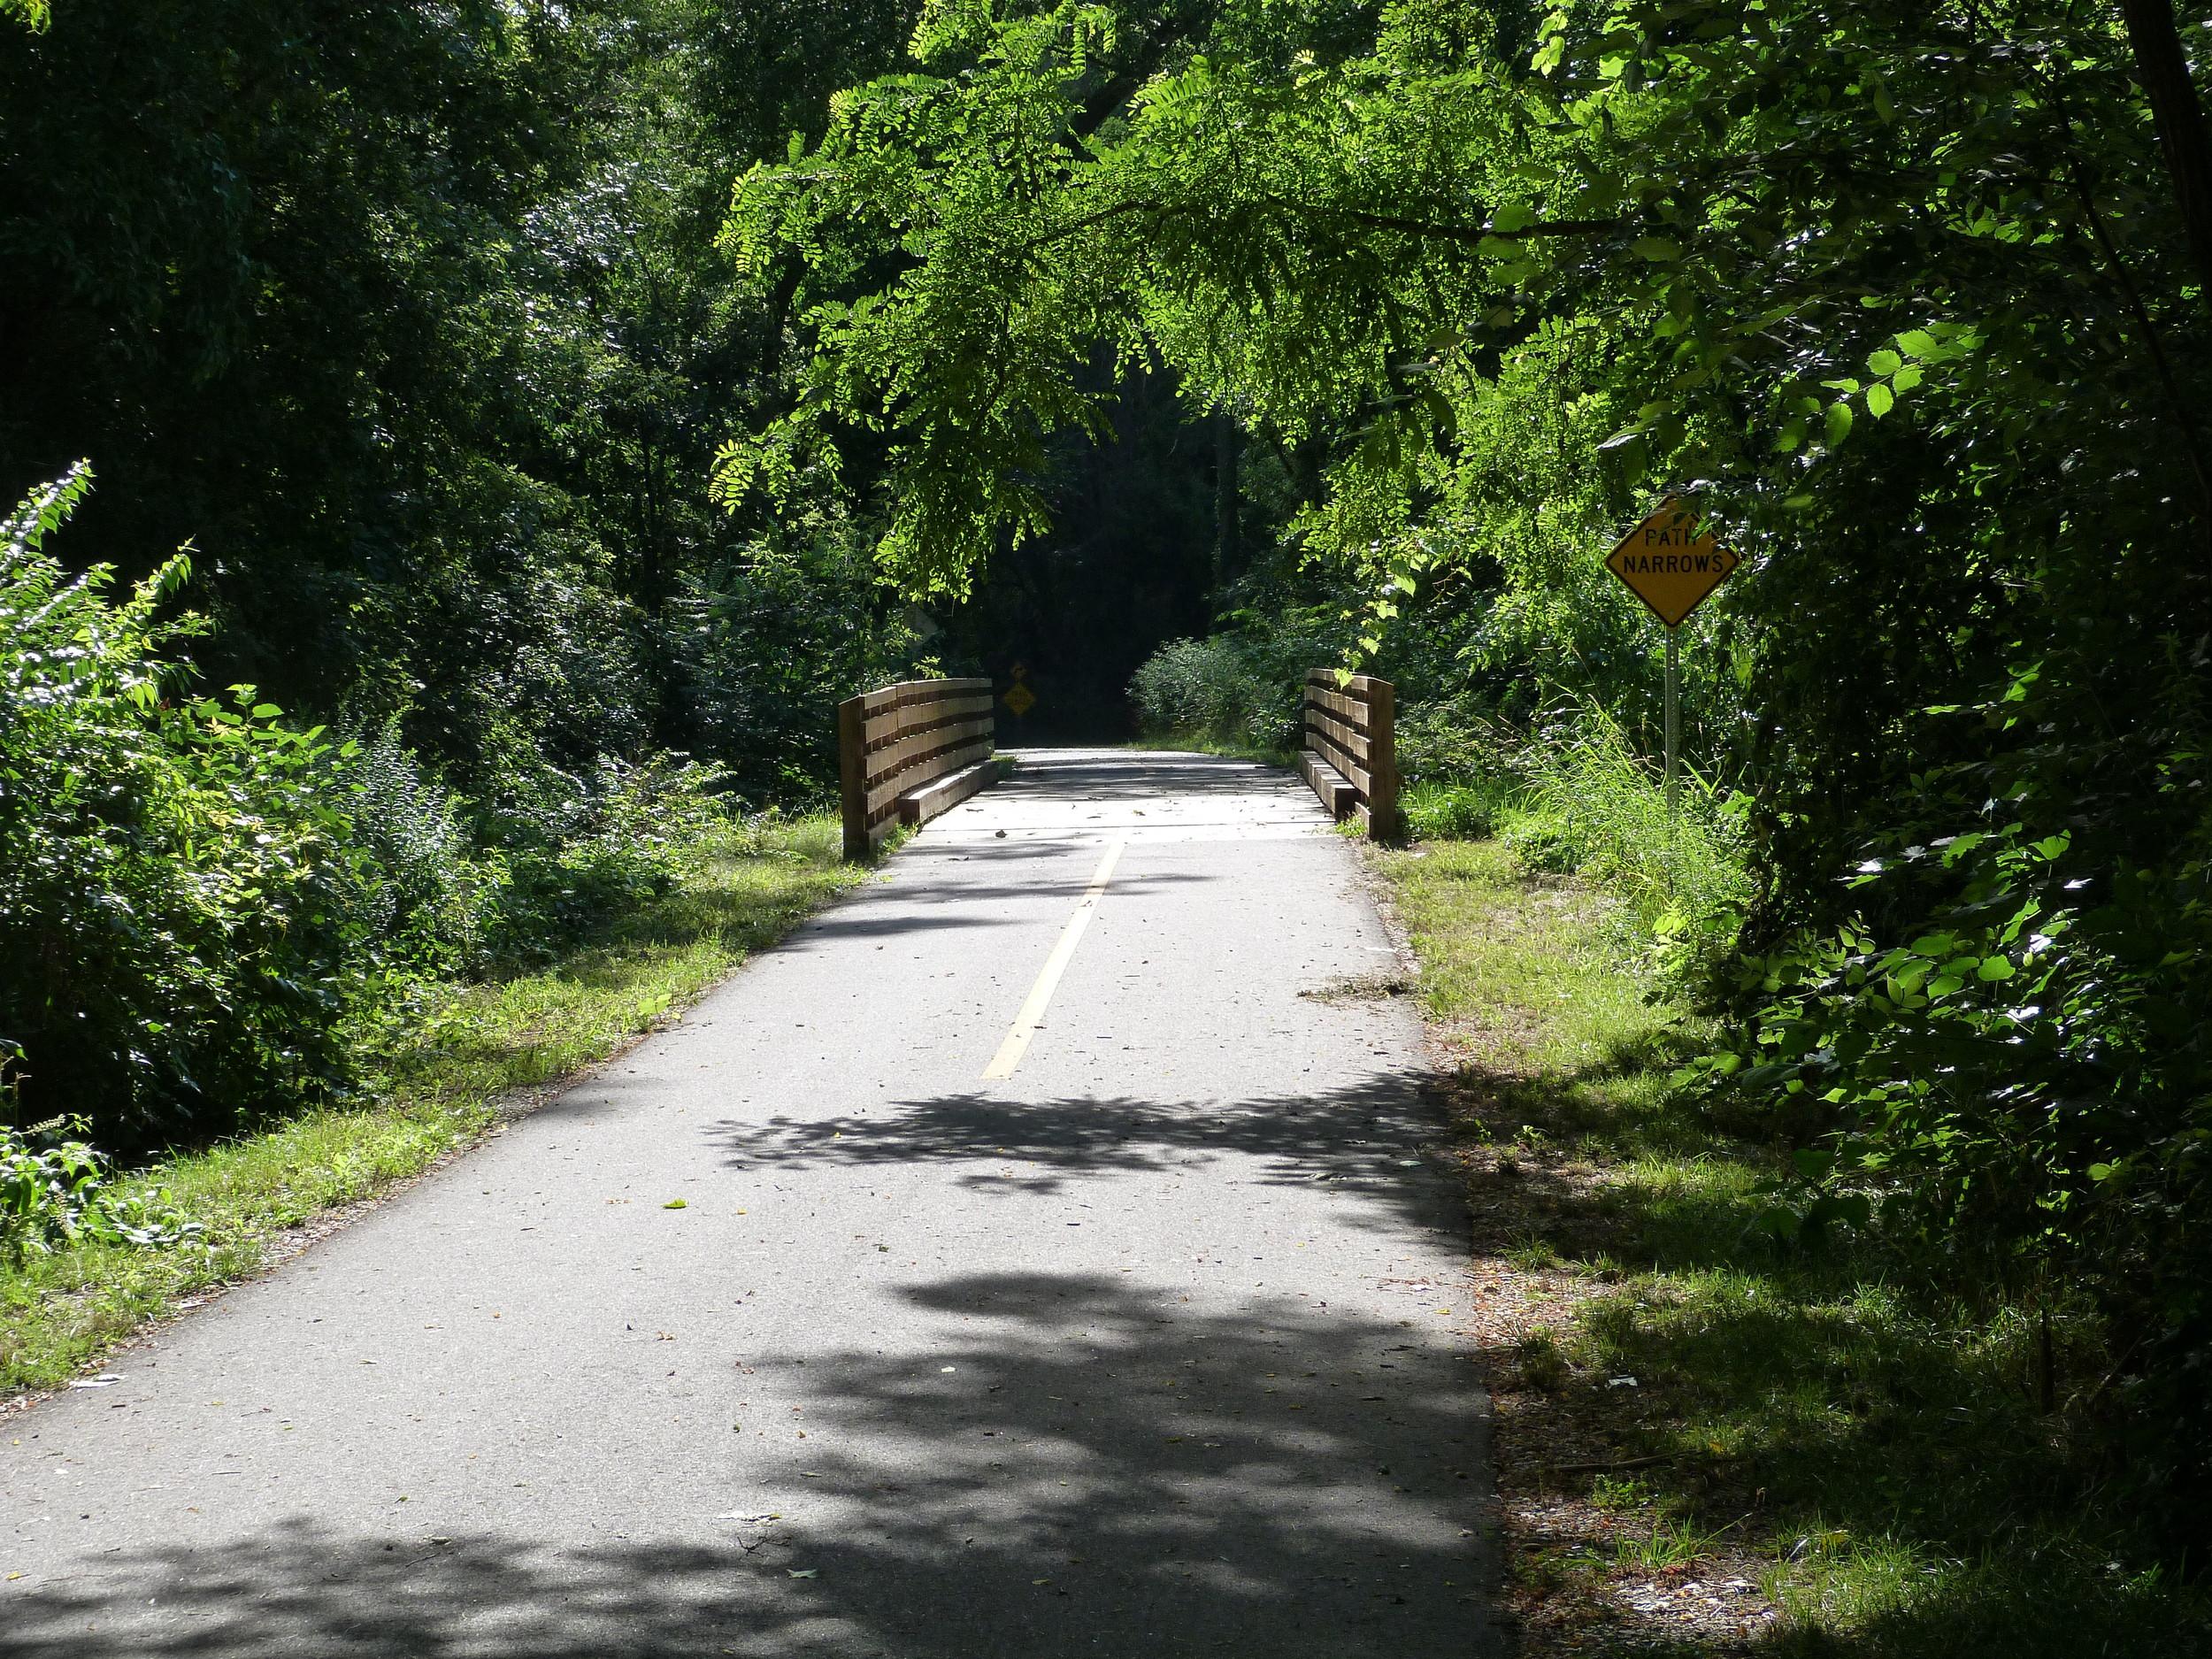 Bridges in Indiana